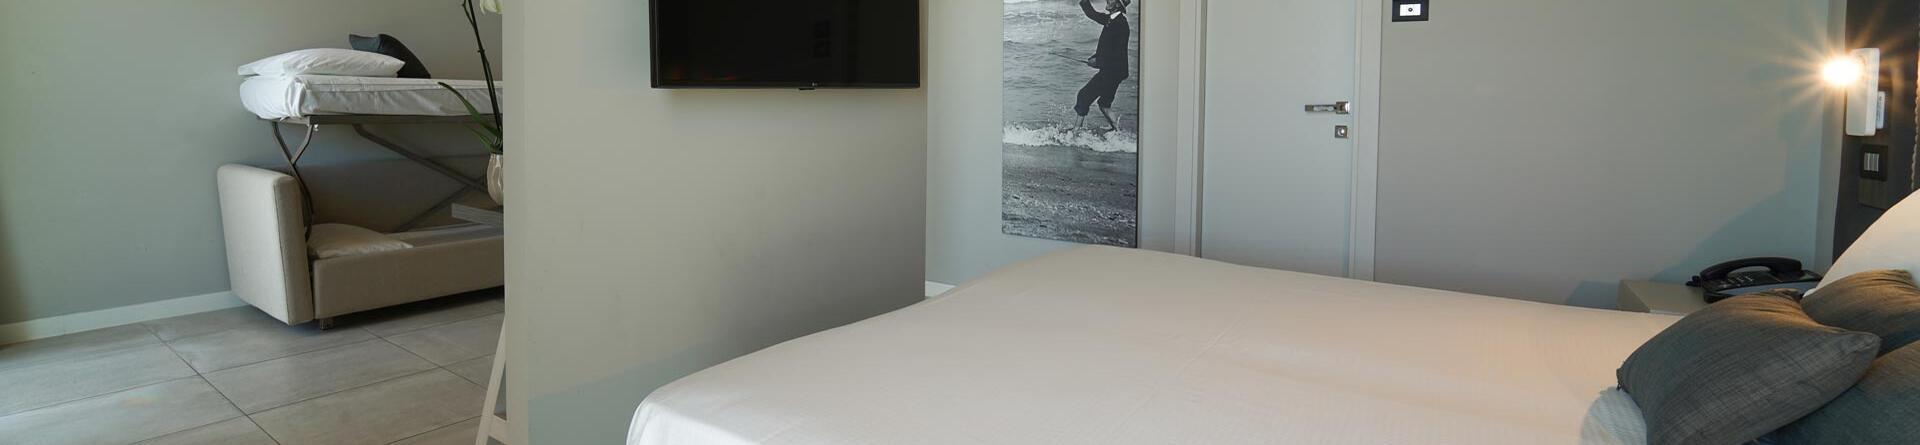 hotelnautiluspesaro it junior-suite-pesaro 008